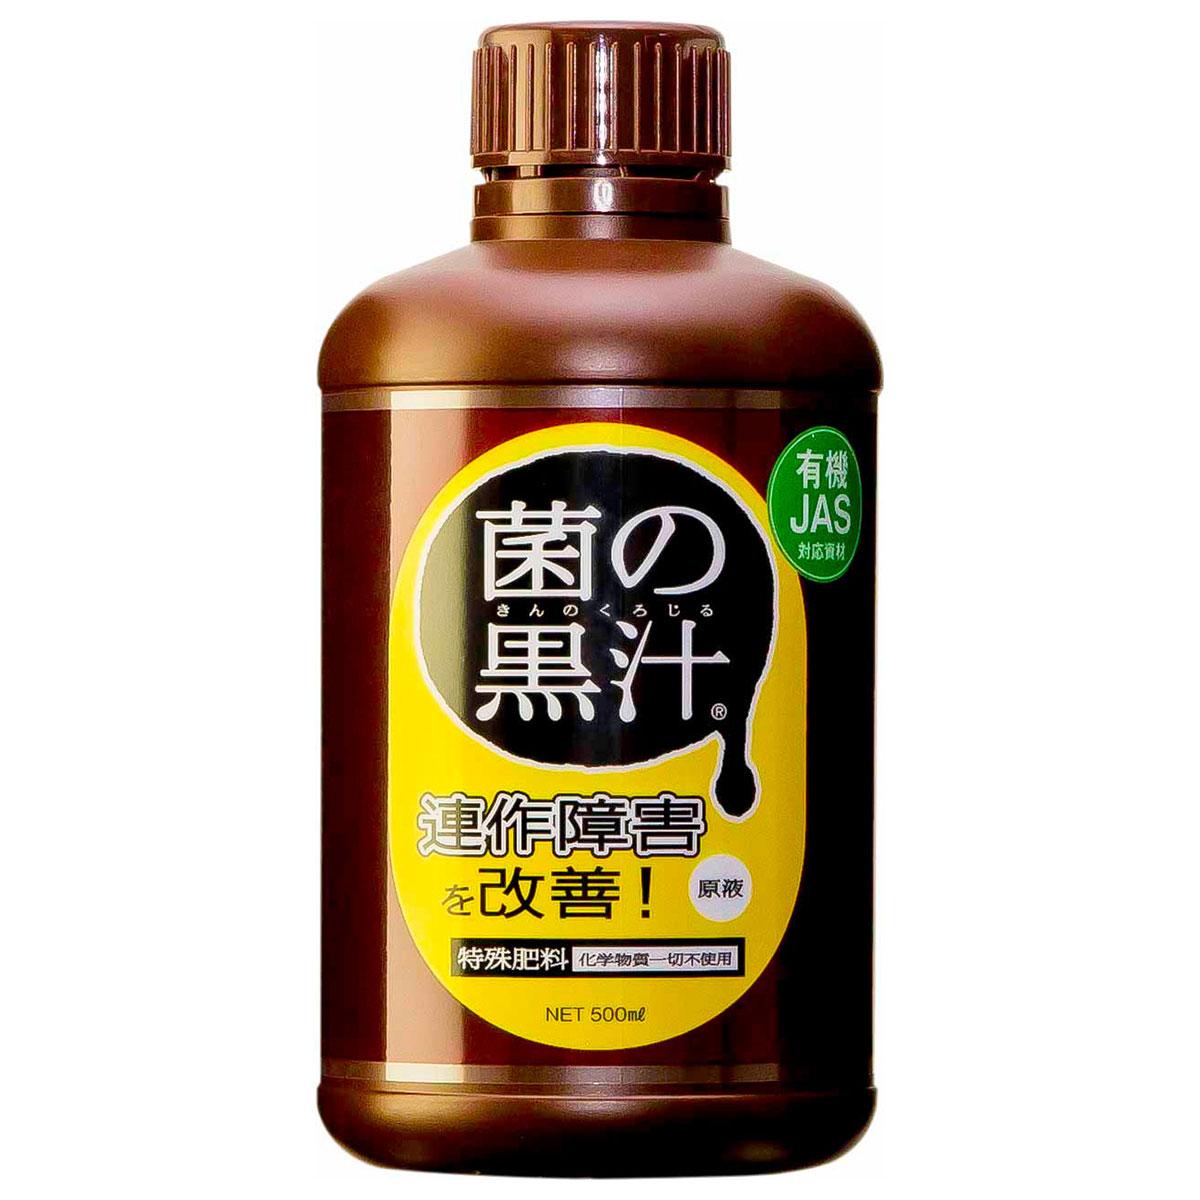 さらば!!連作障害 肥料 連作障害 土壌改良 生長促進剤 菌の黒汁 500cc ヤサキ